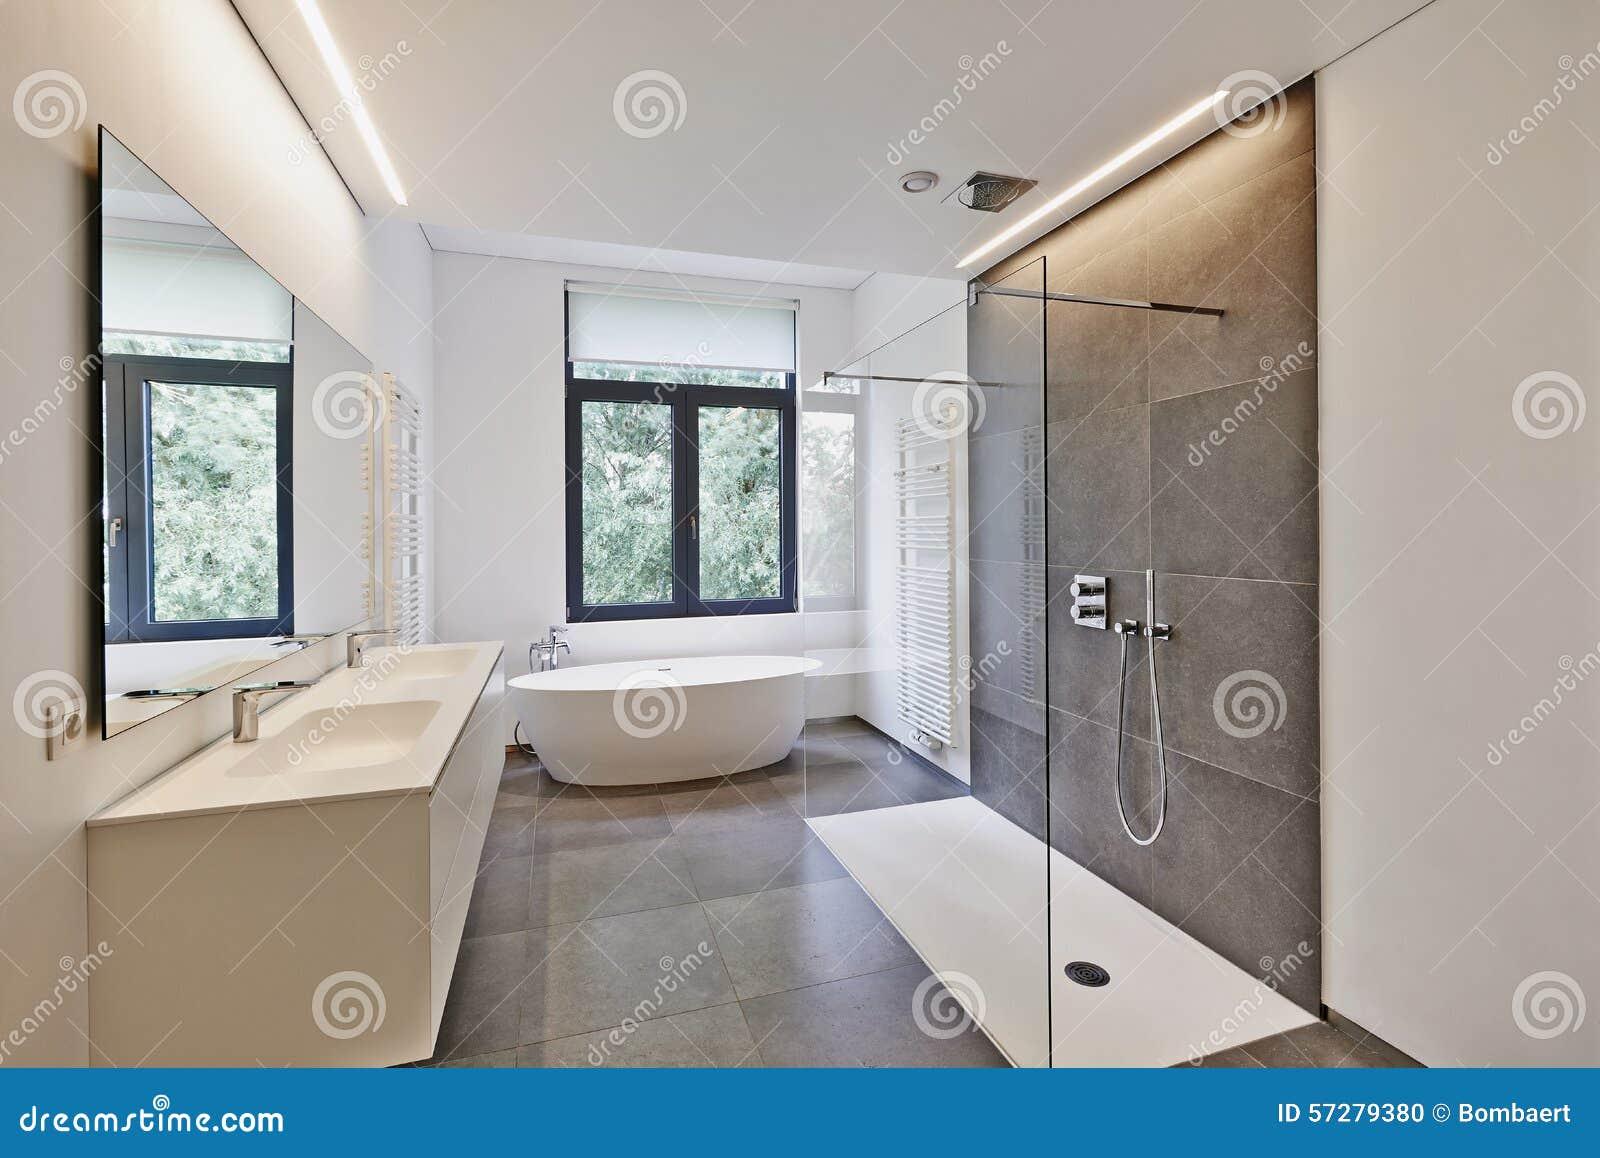 De moderne badkamers van de luxe stock foto afbeelding 57279380 - Moderne luxe badkamer ...